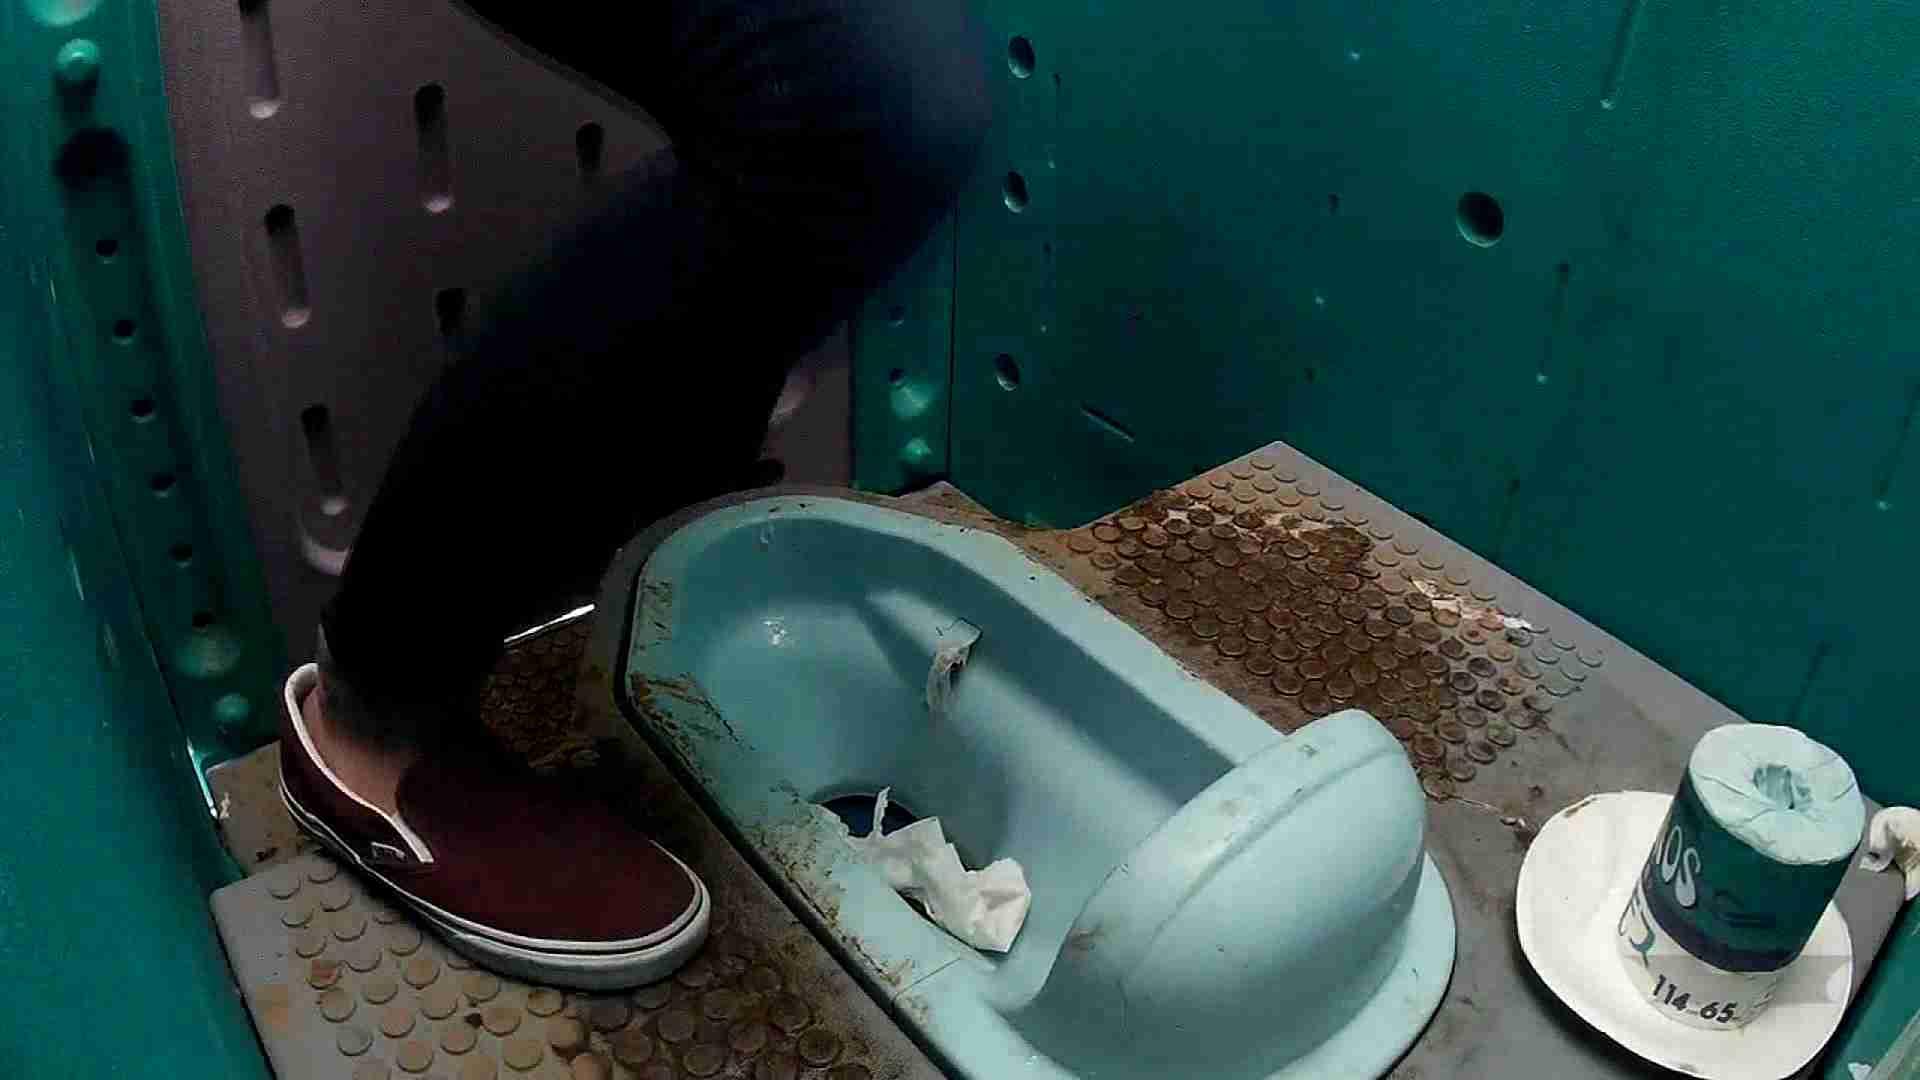 痴態洗面所 Vol.06 中が「マジヤバいヨネ!」洗面所 洗面所着替え | OL  100連発 73